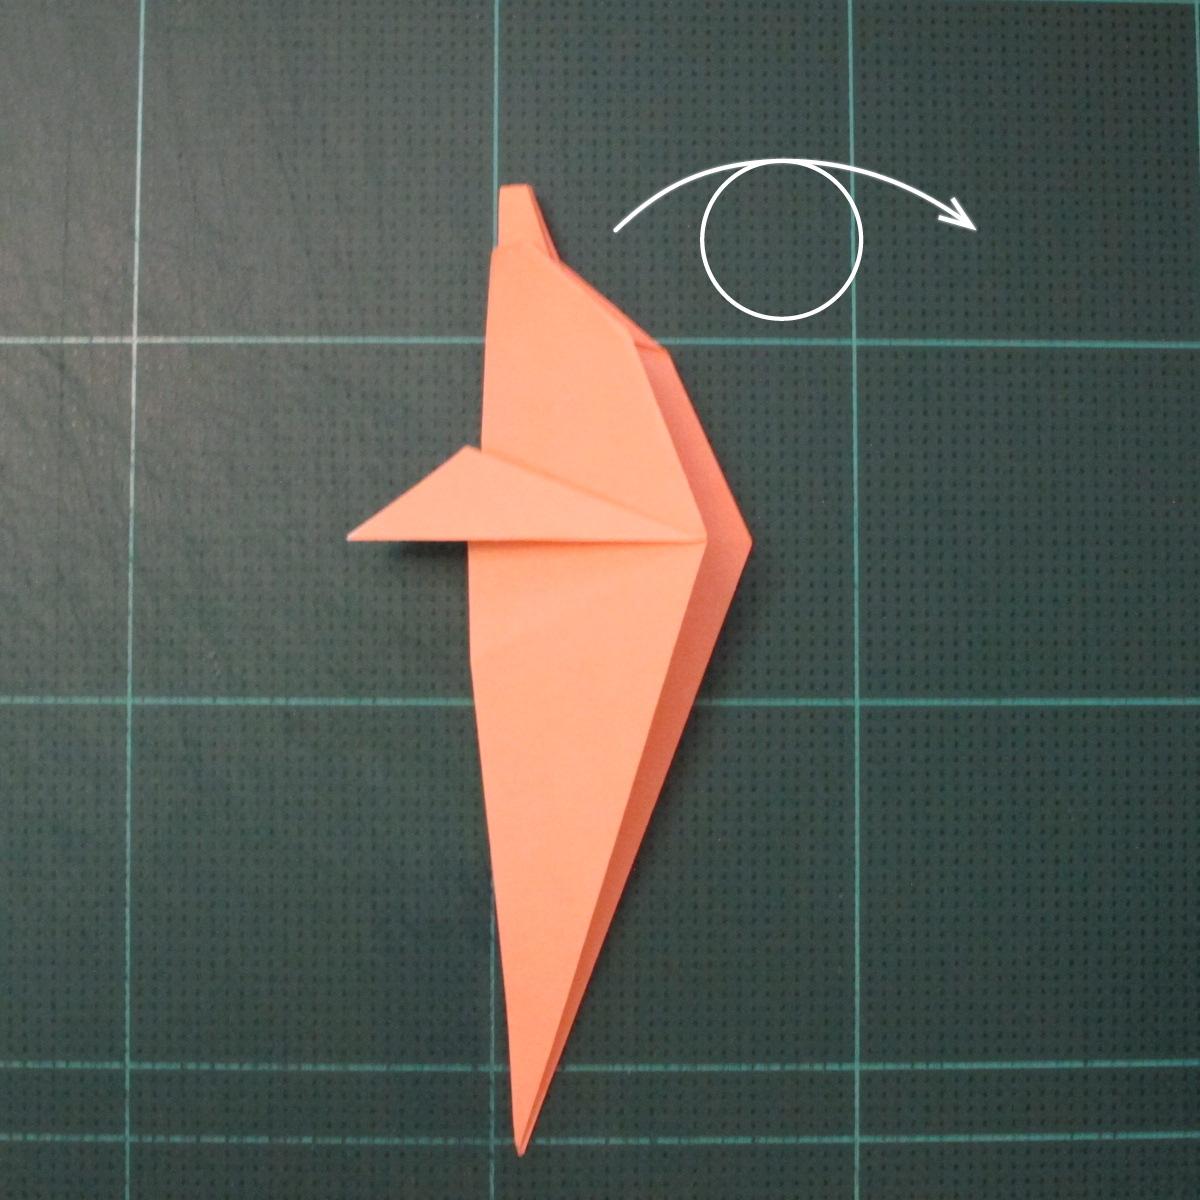 วิธีพับกระดาษเป็นรูปปลาโลมาแบบง่าย (Easy Origami Dolphin) 011